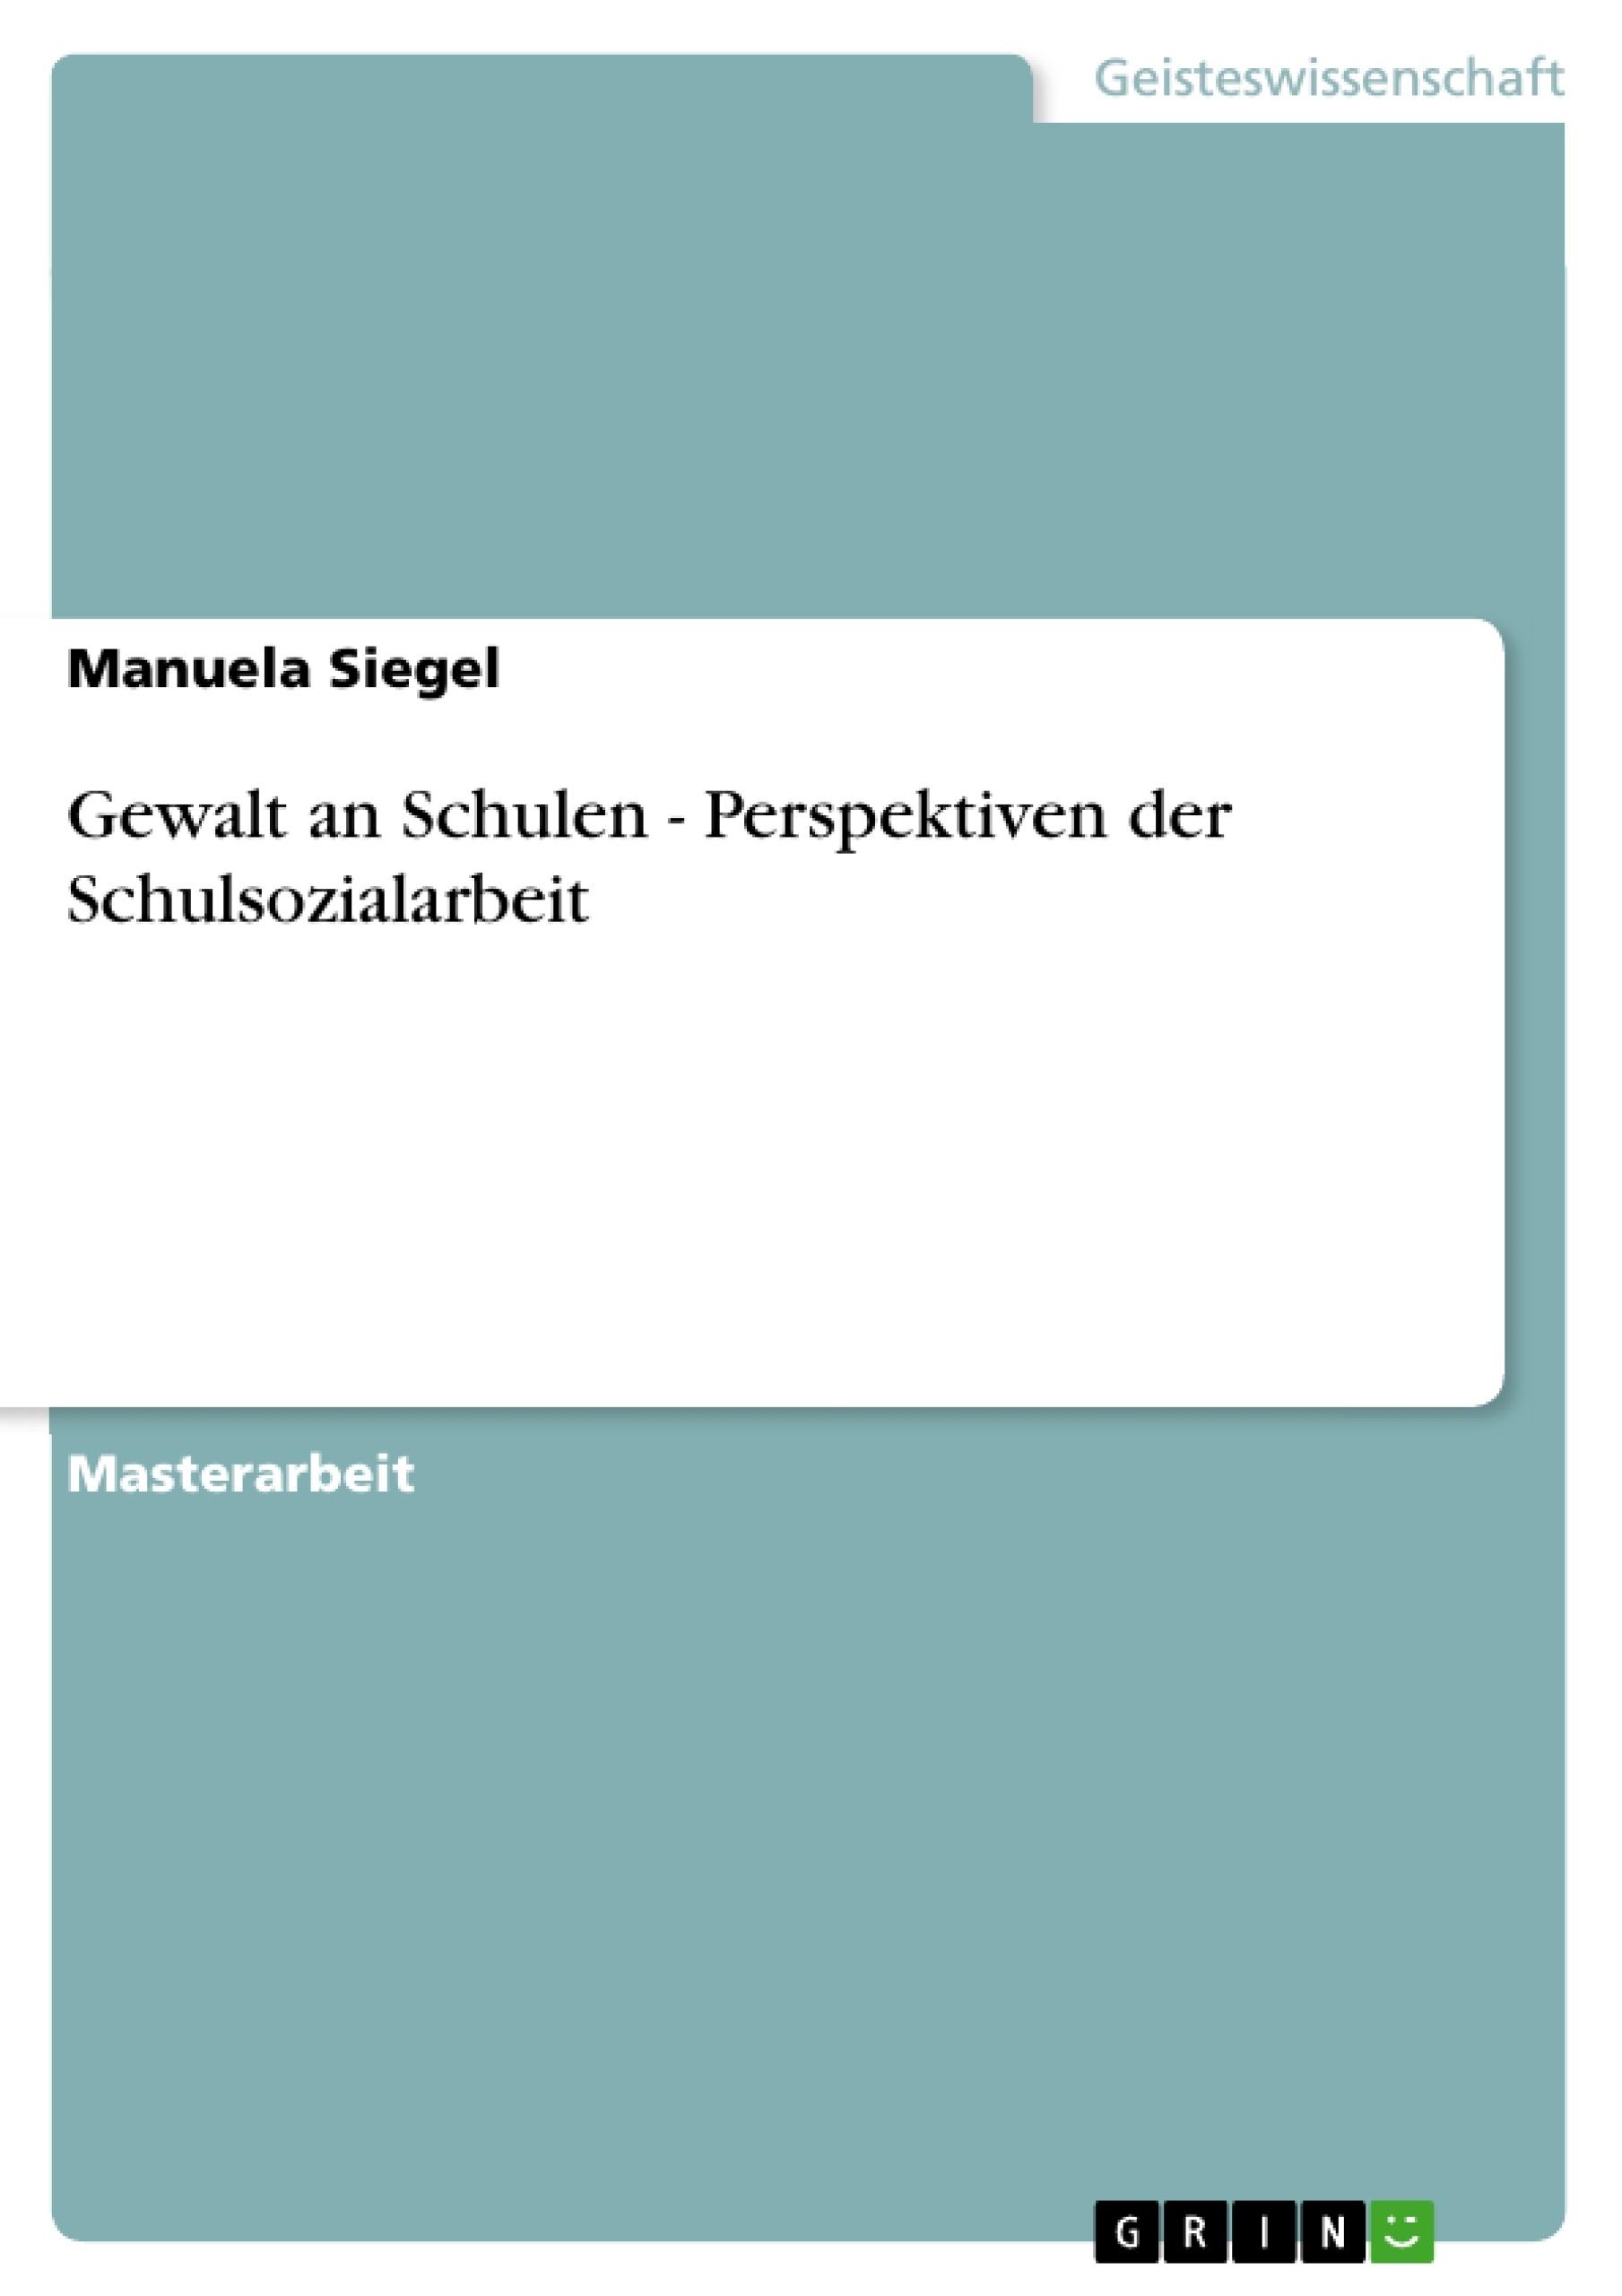 Titel: Gewalt an Schulen - Perspektiven der Schulsozialarbeit